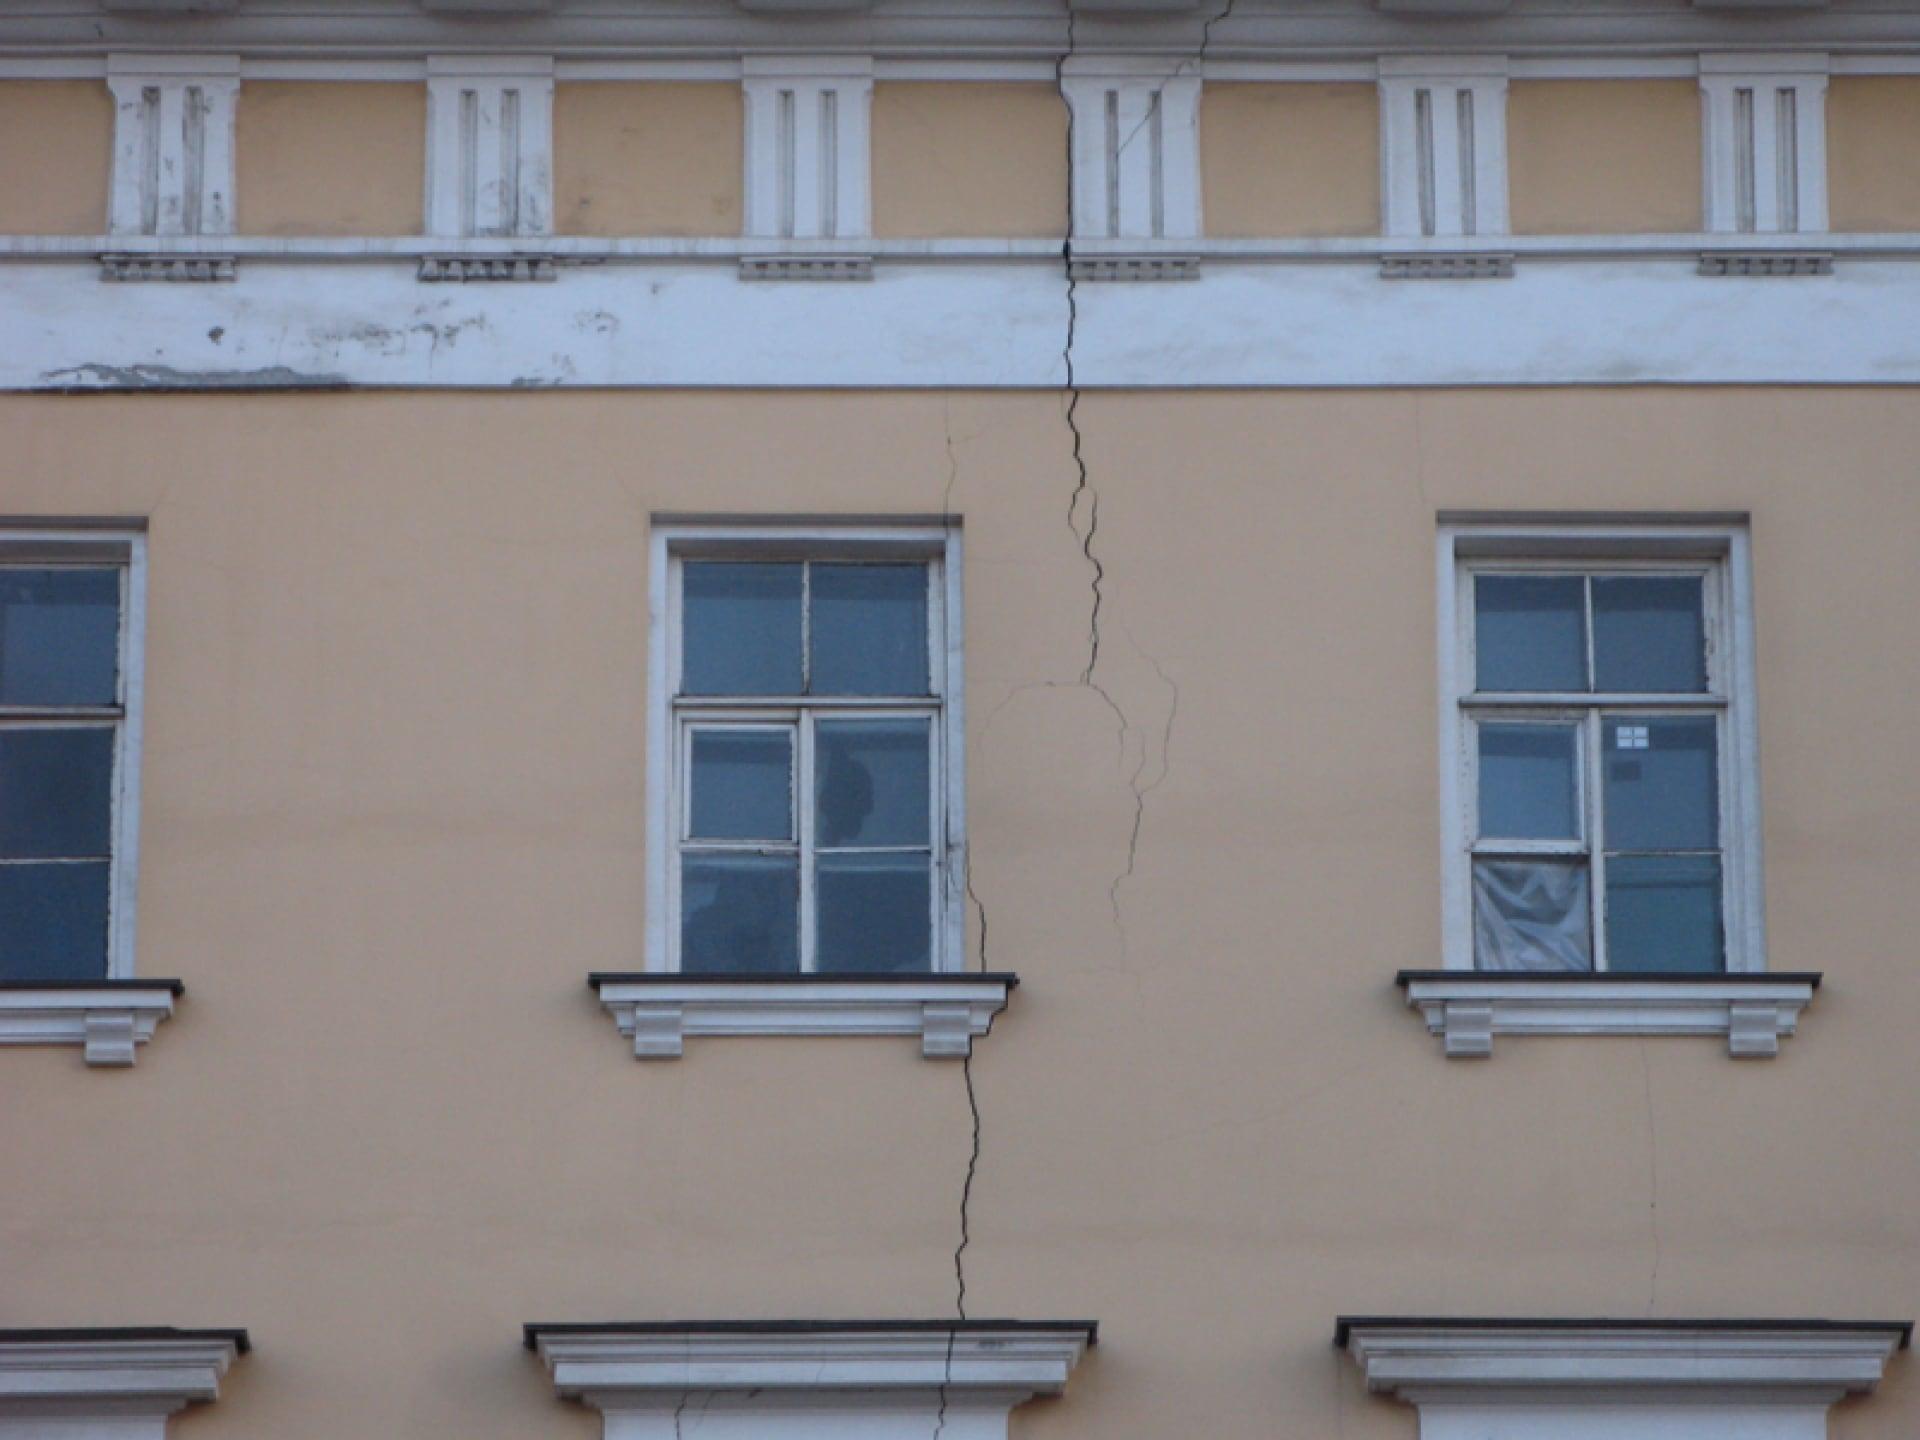 почему происходит выпадение керамогранита на фасадах зданий толще плотнее